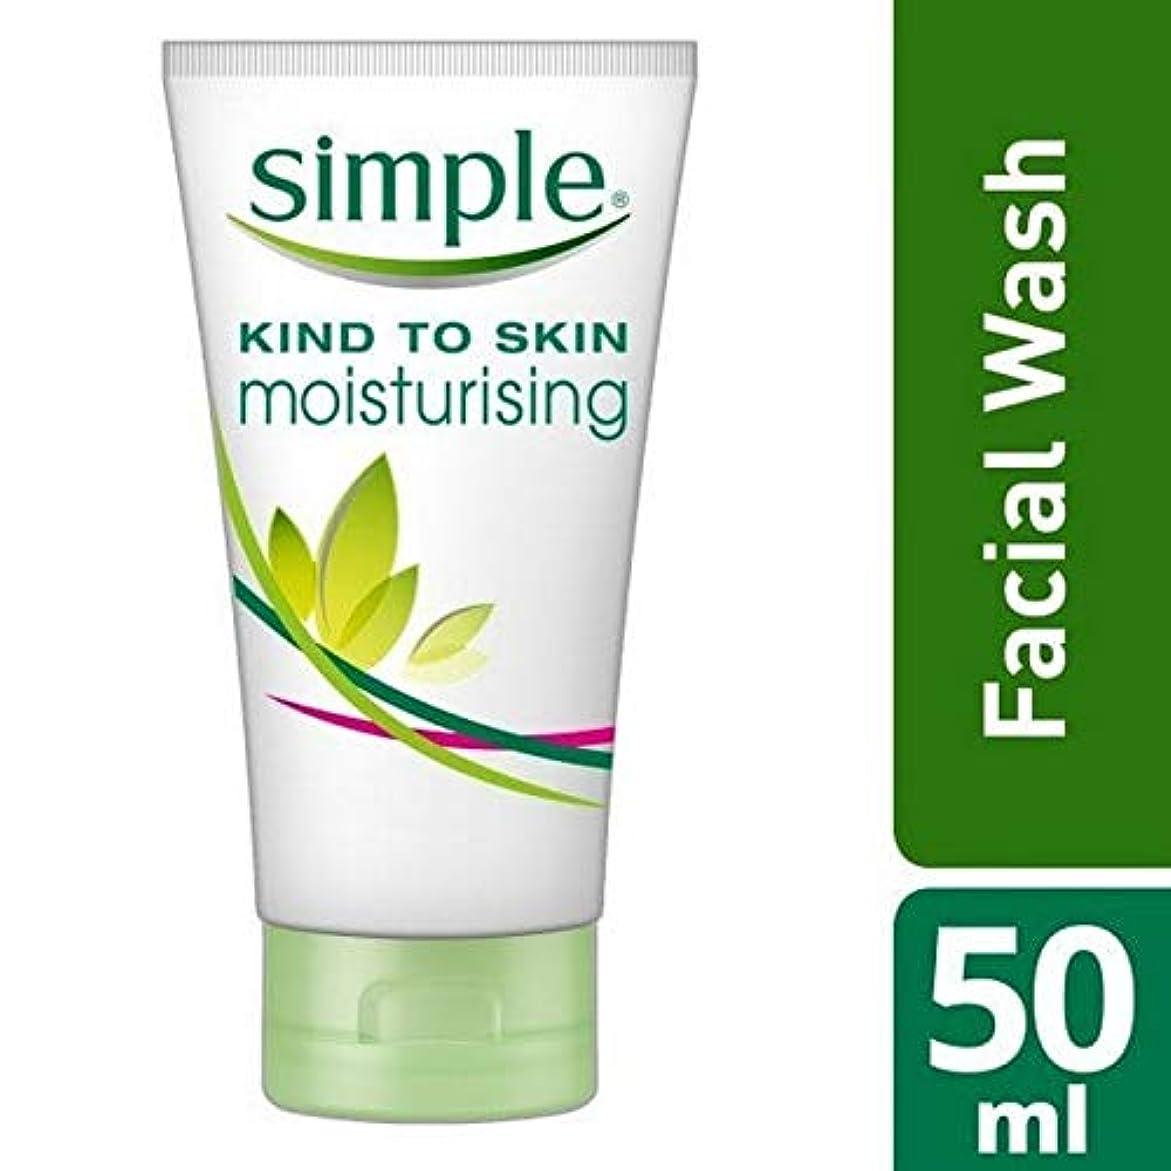 建築家知らせる例示する[Simple ] 洗顔50ミリリットルを保湿肌への単純な種類 - Simple Kind To Skin Moisturising Facial Wash 50ml [並行輸入品]